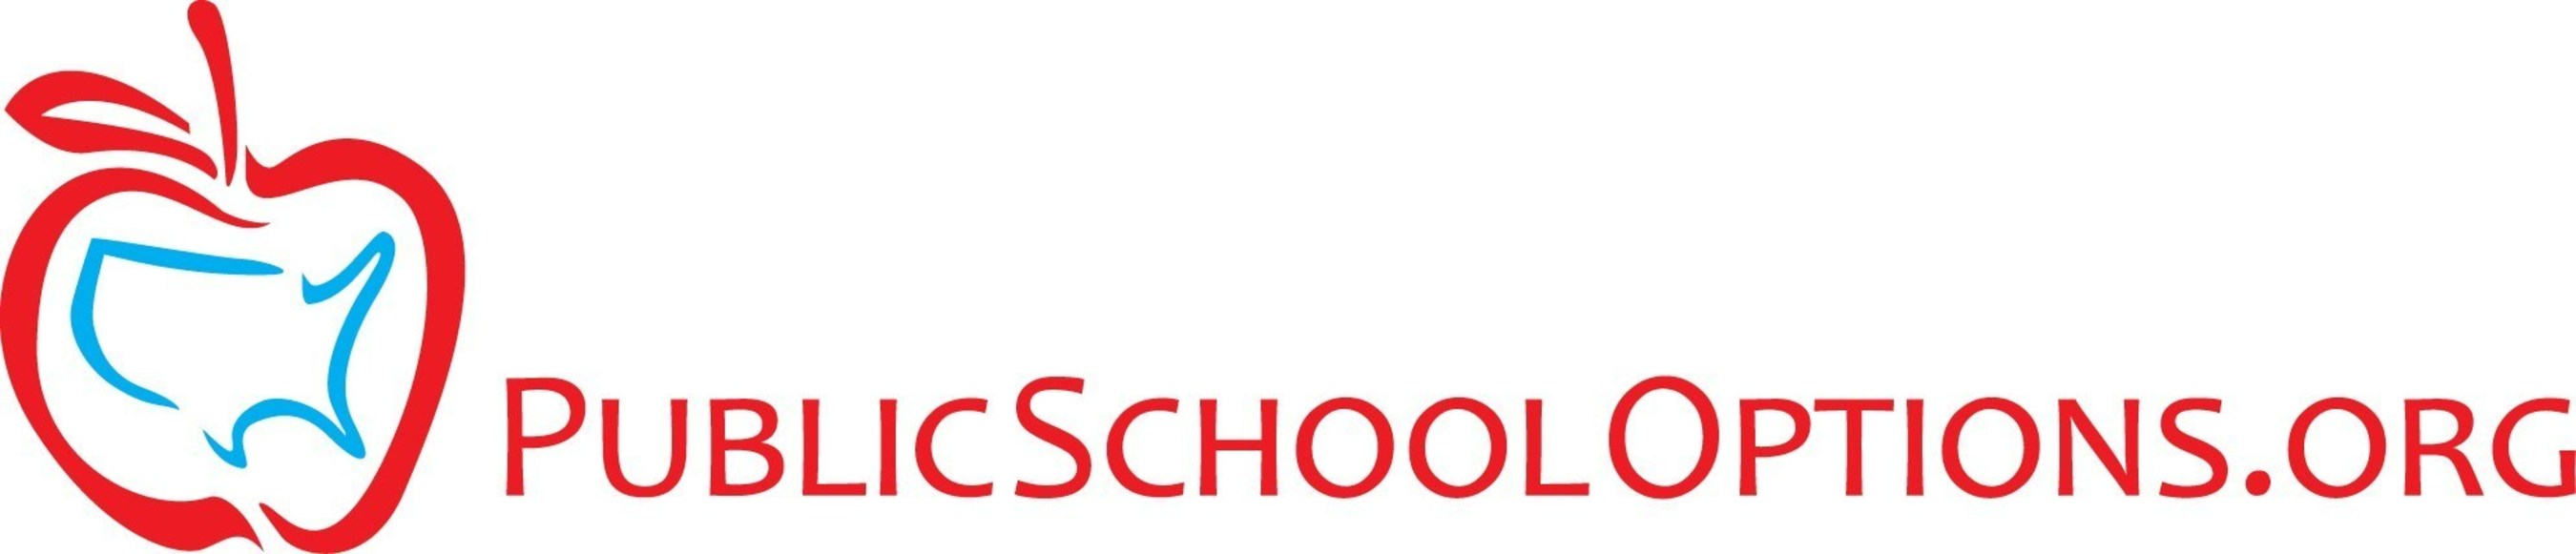 PublicSchoolOptions.org